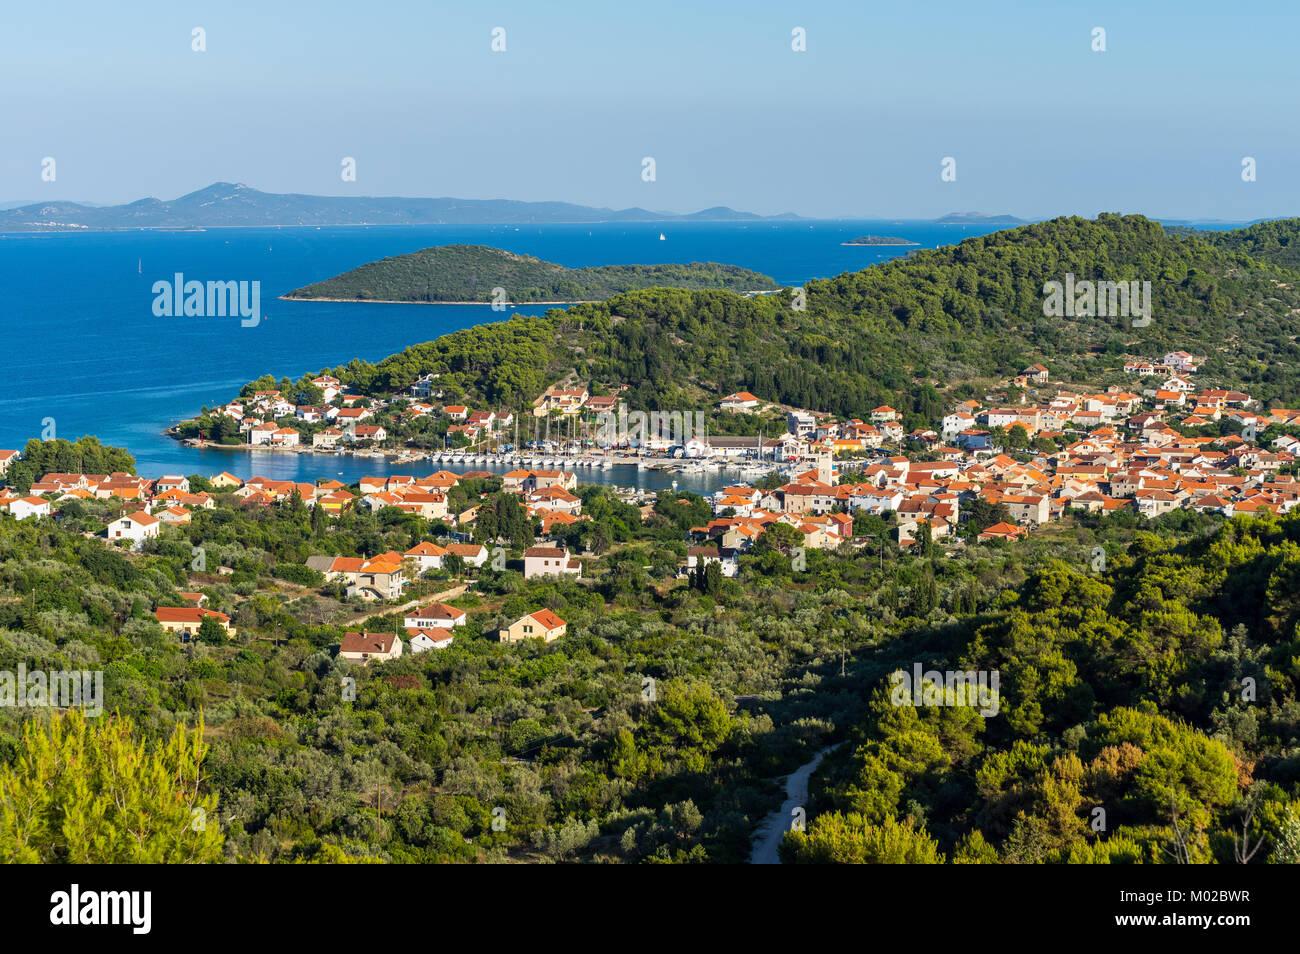 Summer on Island Iz, Croatia - Stock Image